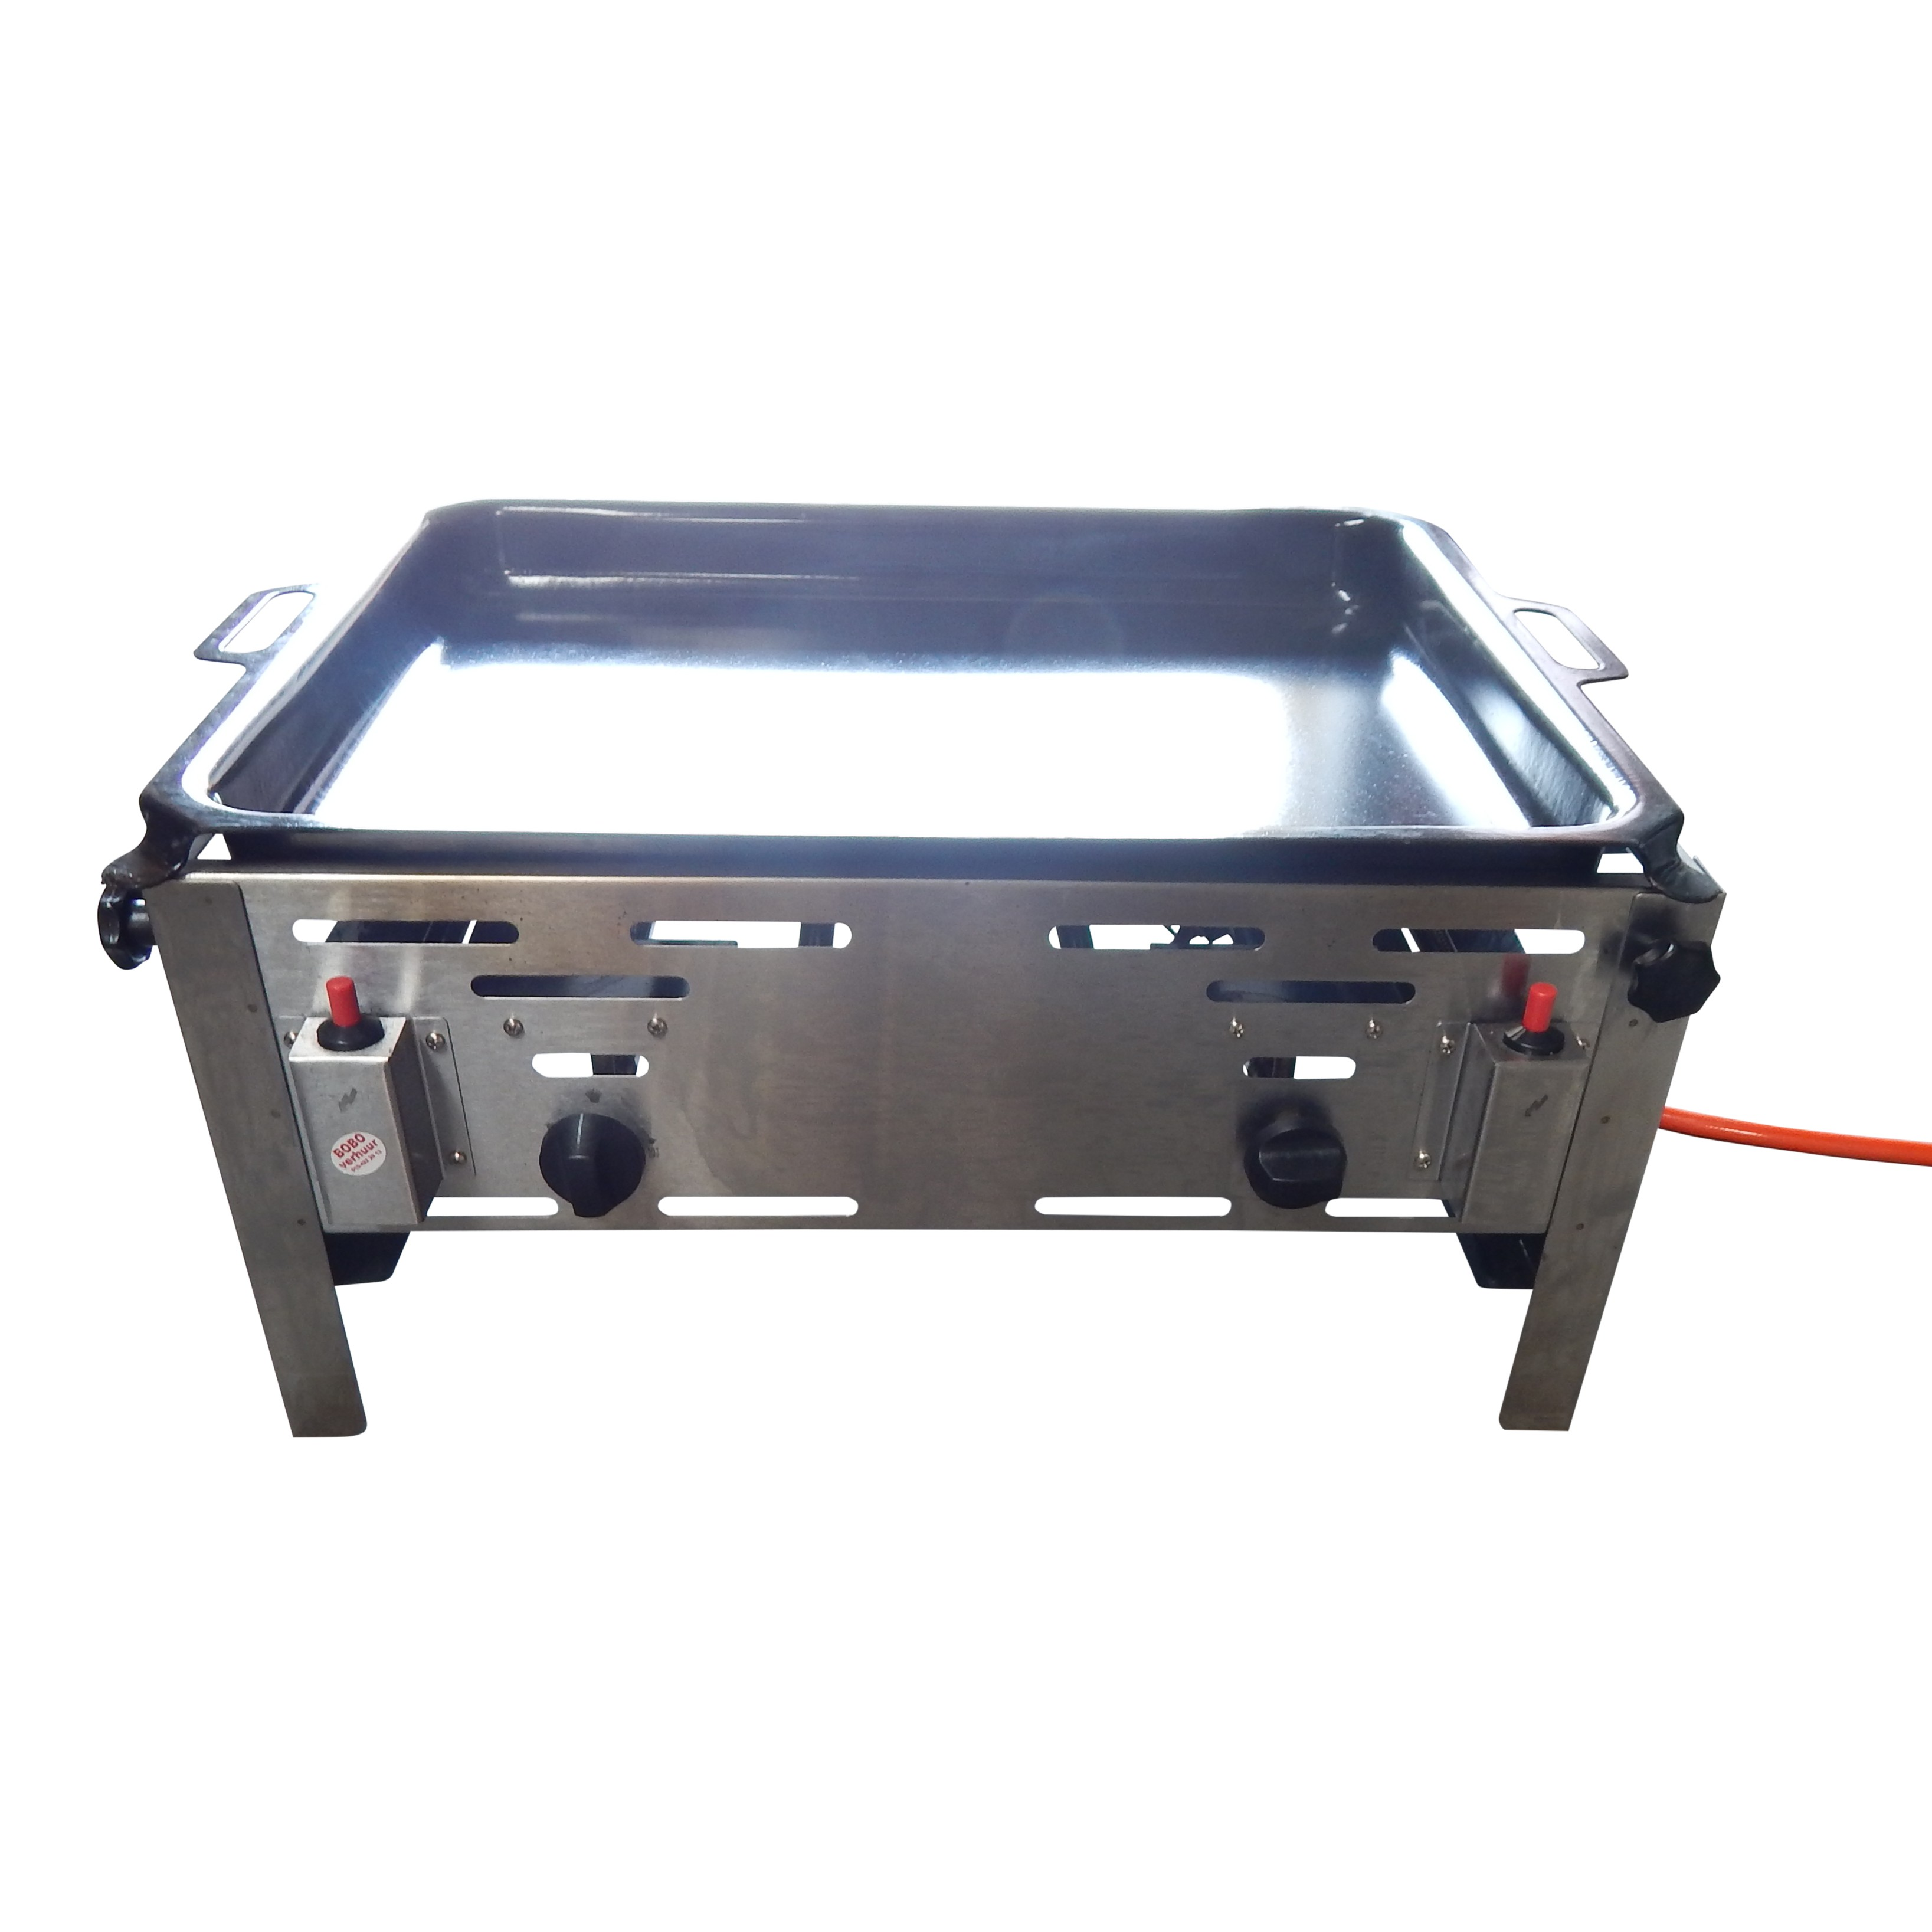 Gasbarbecue 64x54cm  - Schoon inleveren